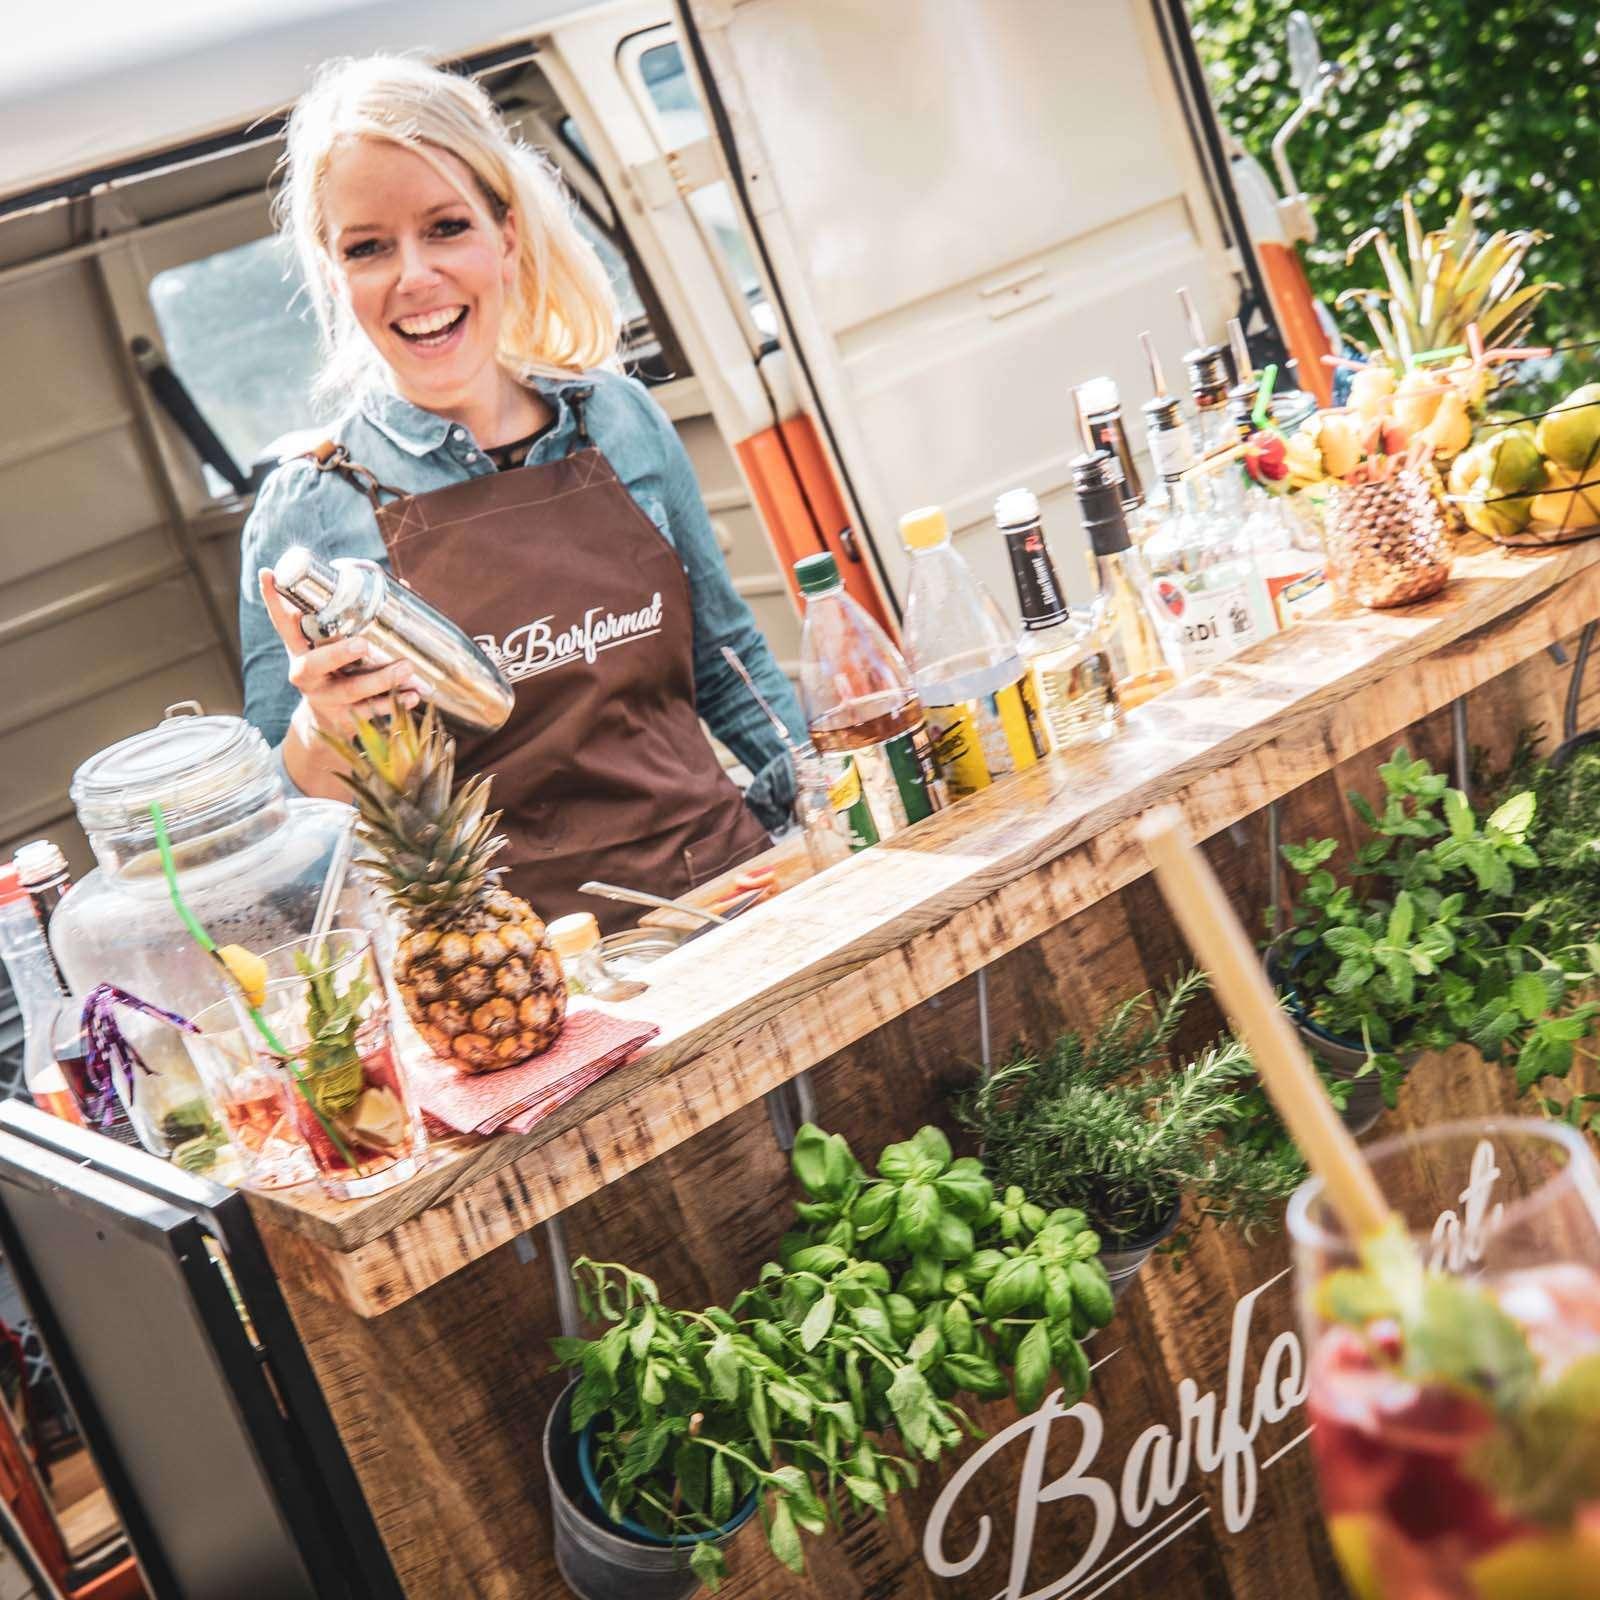 Mobile | Cocktailbar | Cocktailservice | Hochzeit | Sektempfang | Barkeeper | Buchen | Mieten | Geburtstag | Ape | VW | Bar | Getränke | Catering | Foodtruck | Weinbar | Ginbar | Sektbar | Kaffeebar | Smoothie